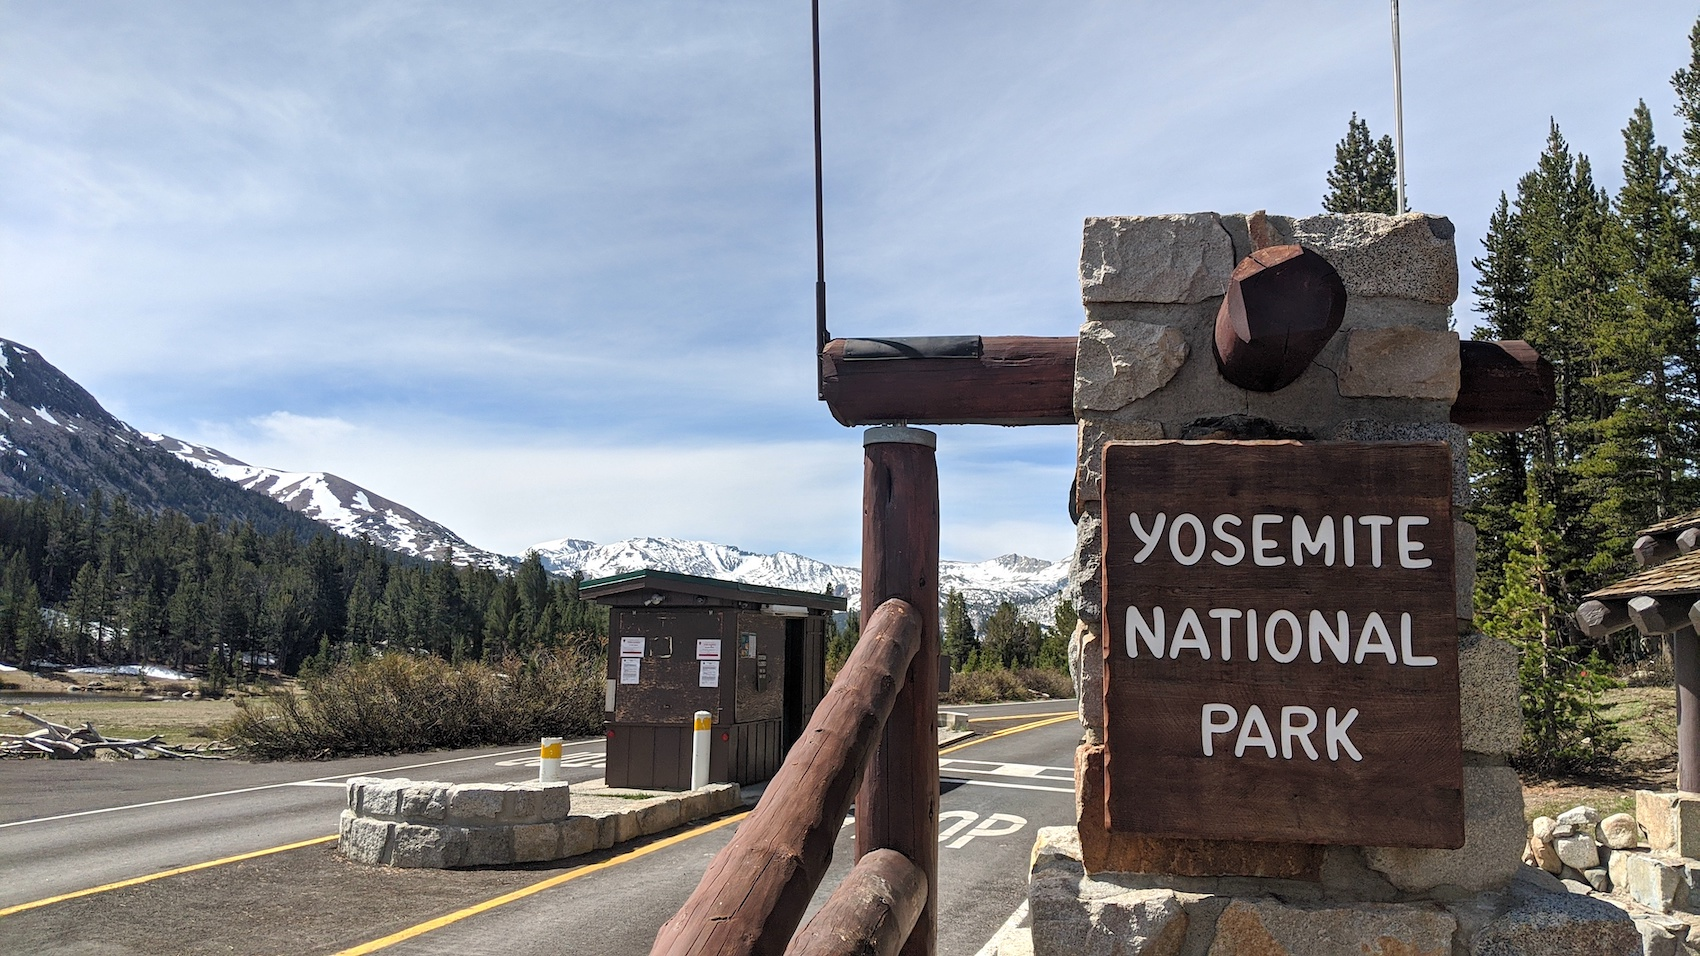 Tioga Road, california, Yosemite,